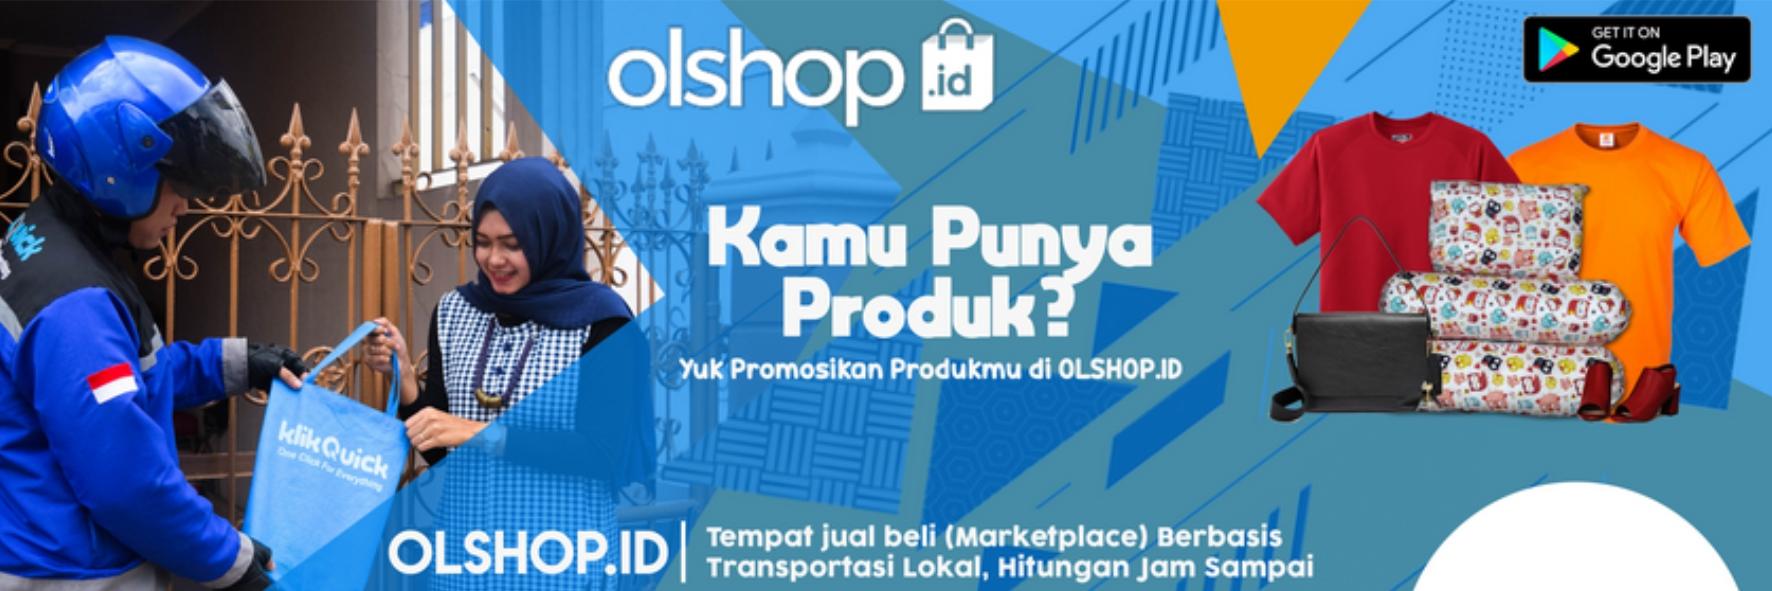 olshop.id